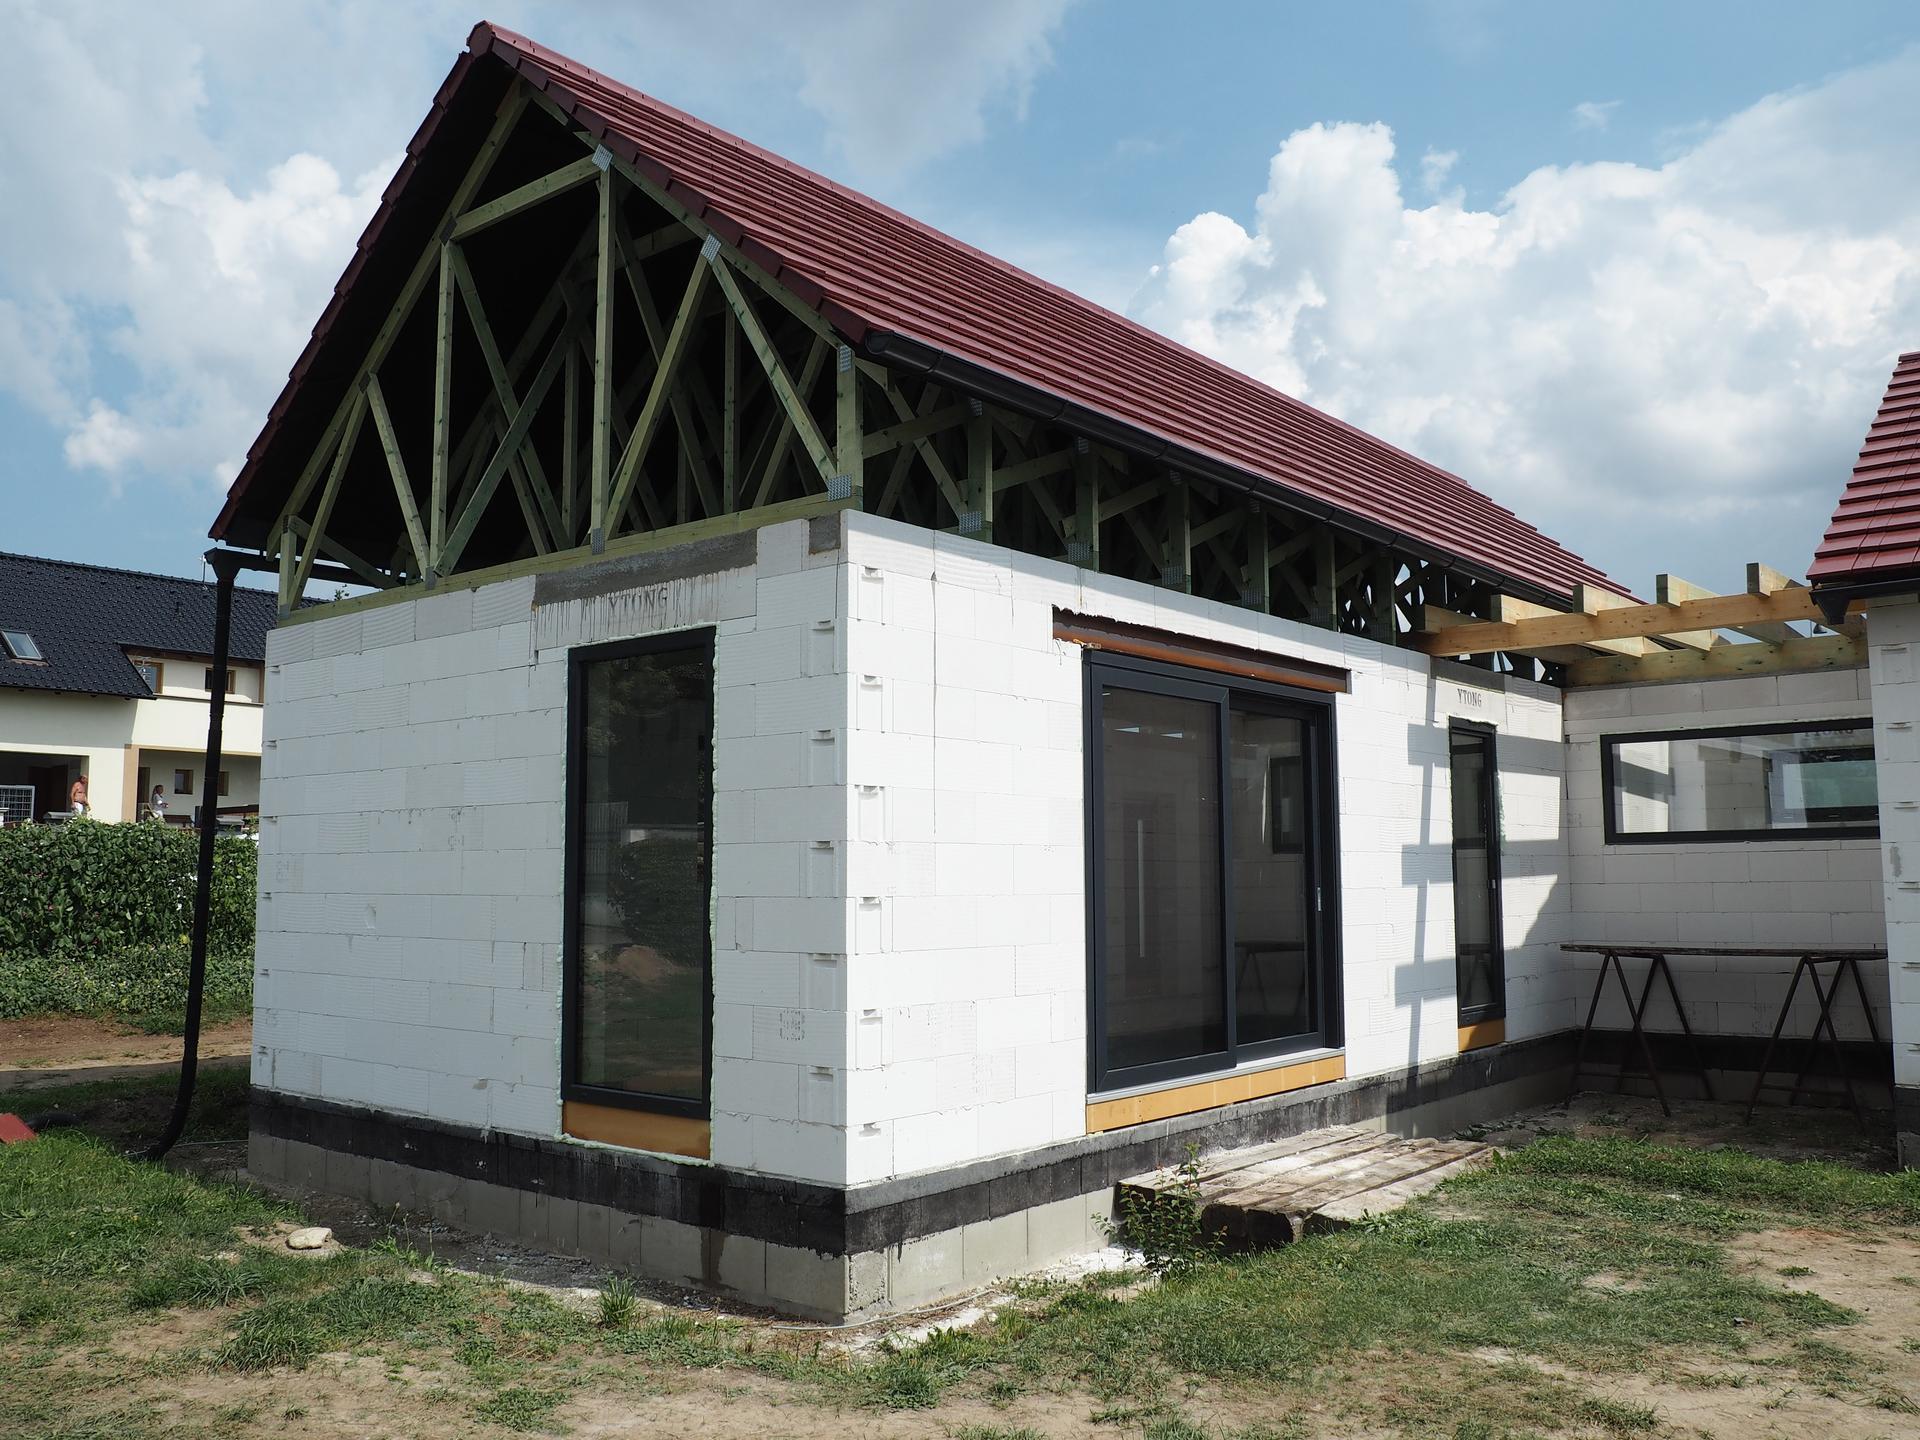 Dům do L - stavba 2020/2021 - 11.8.2020 Tašky a okna hotovo